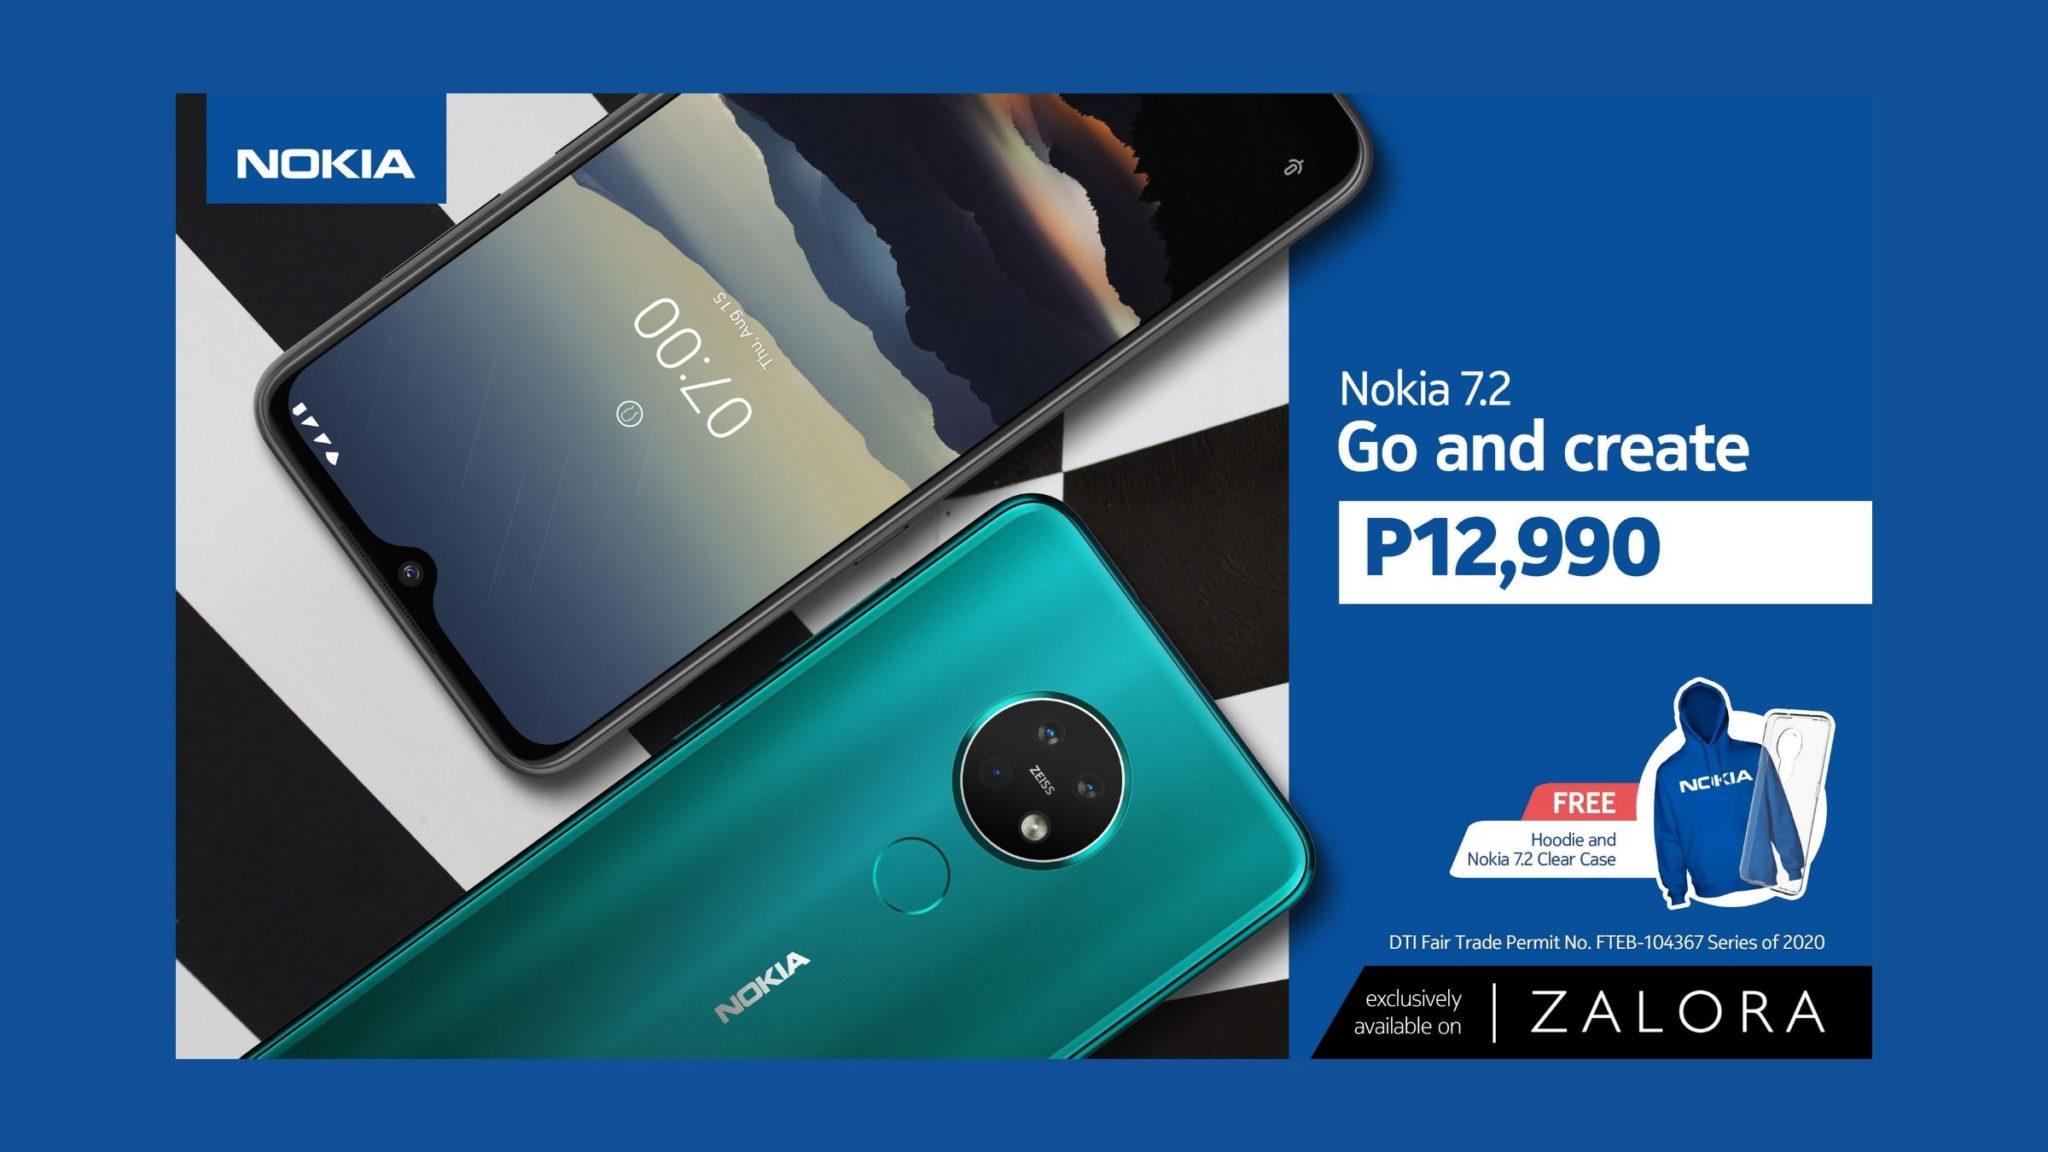 Nokia Smartphones in Zalora Header